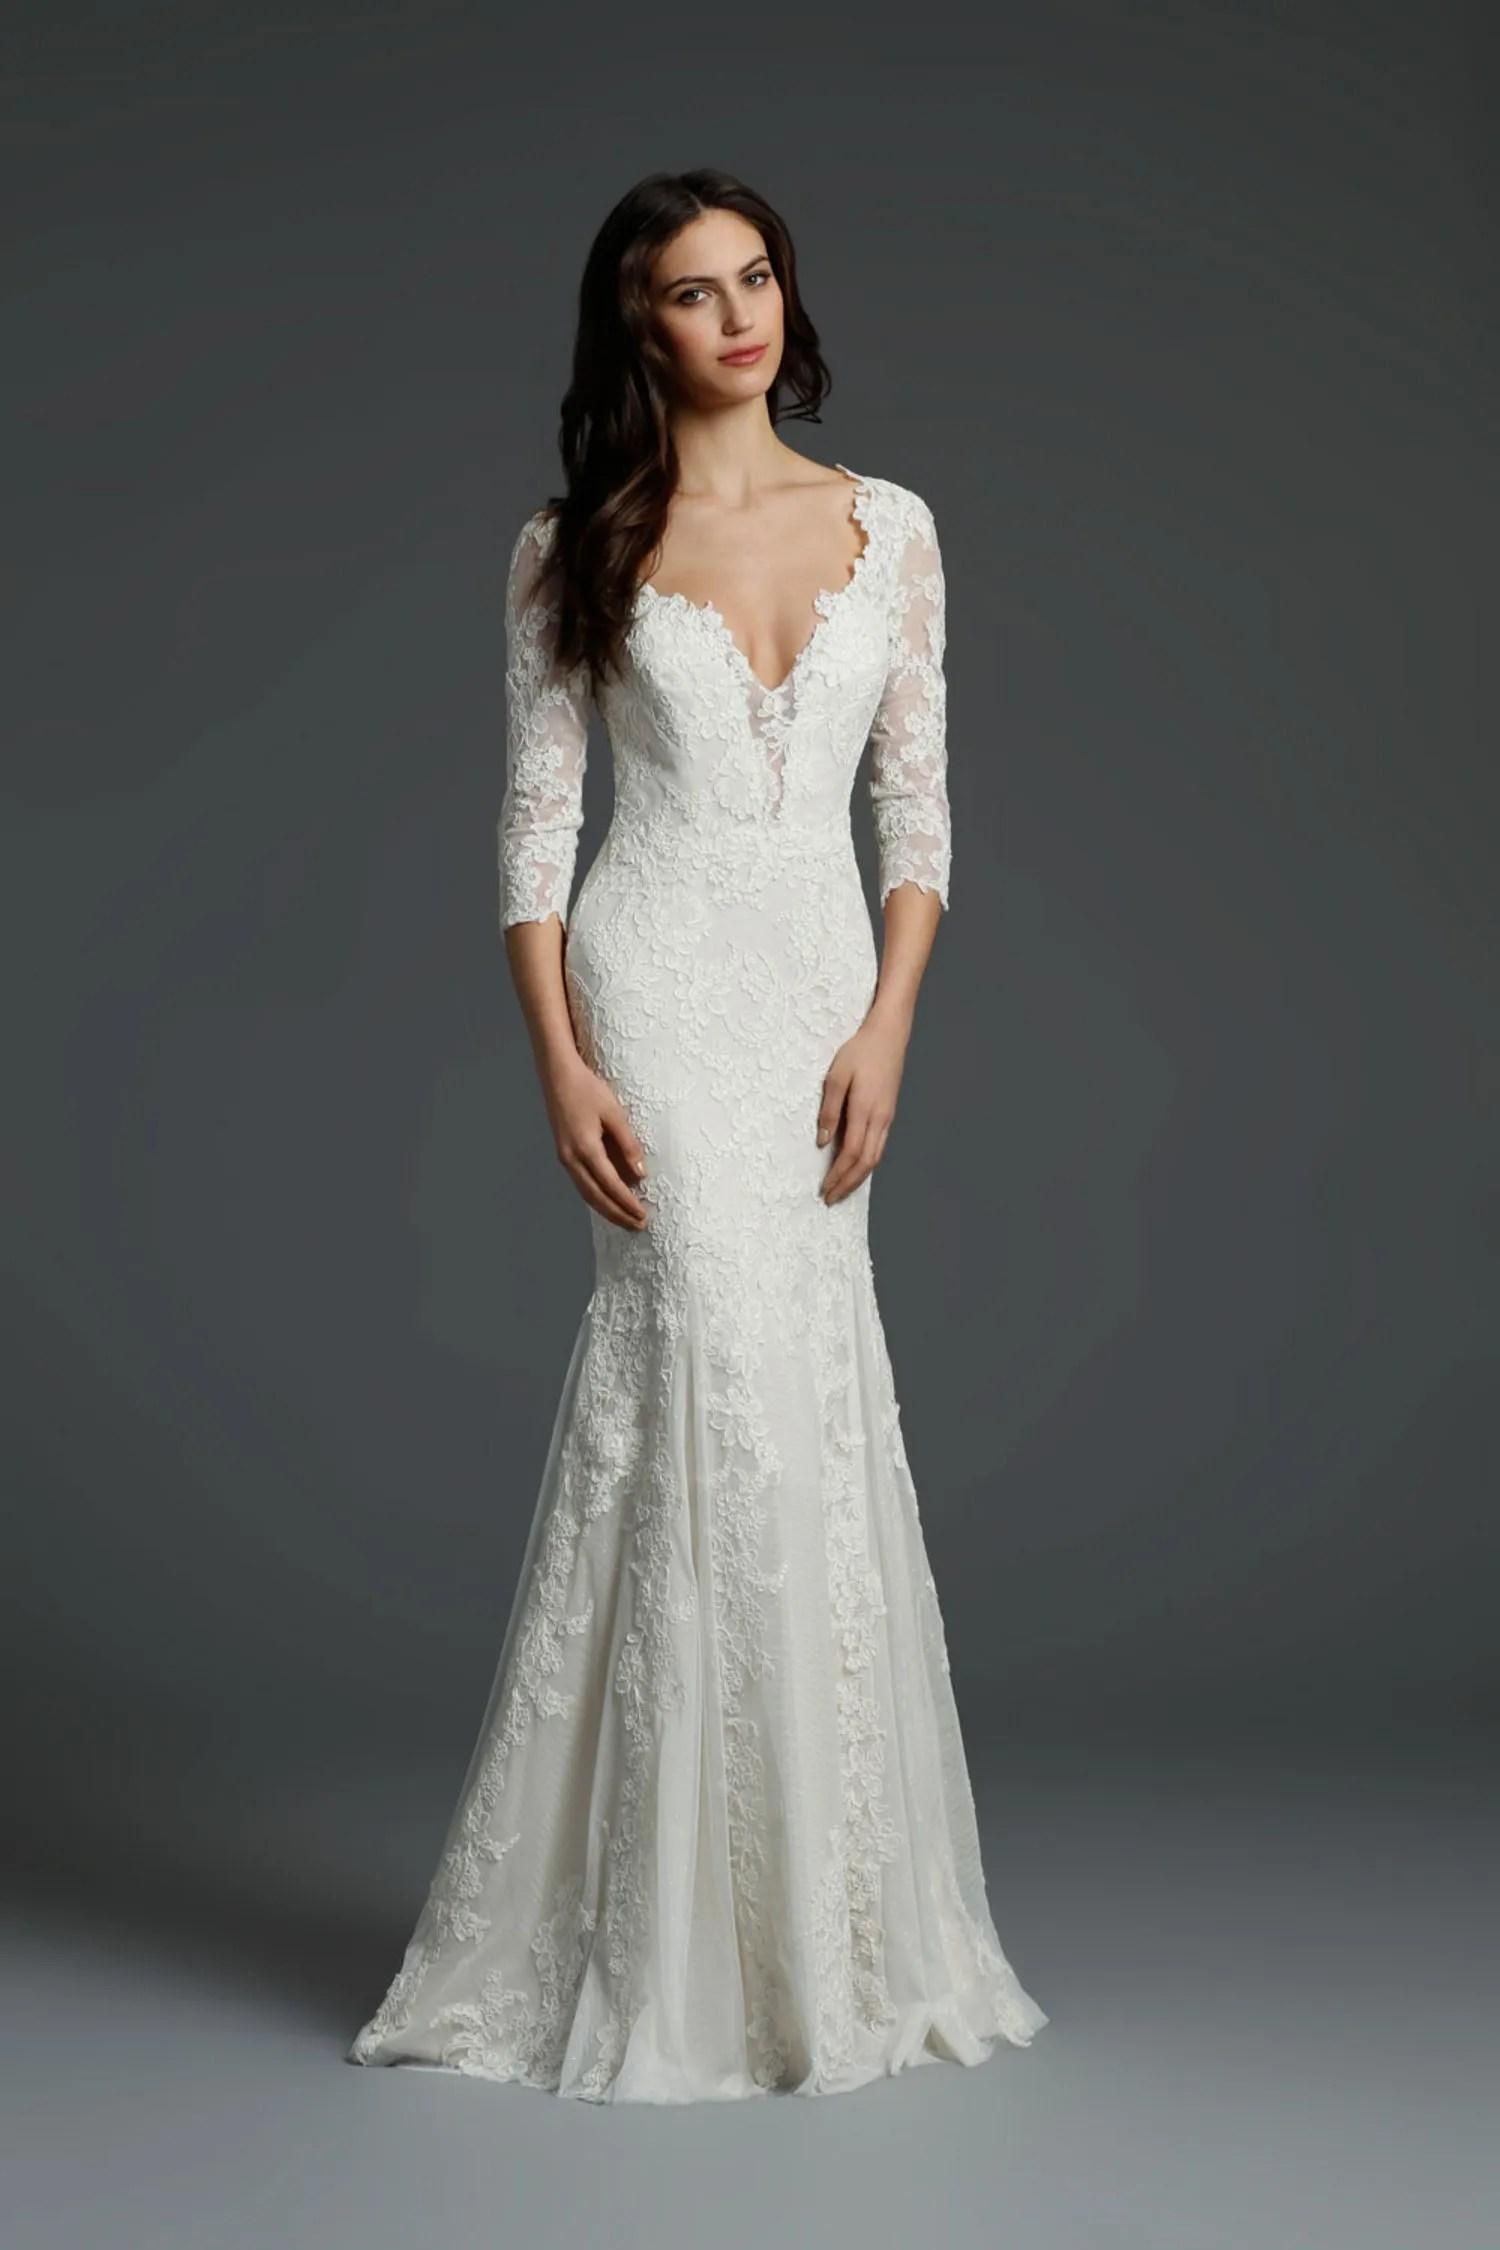 Naya Riveras Wedding Dress Pictures Naya Riveras